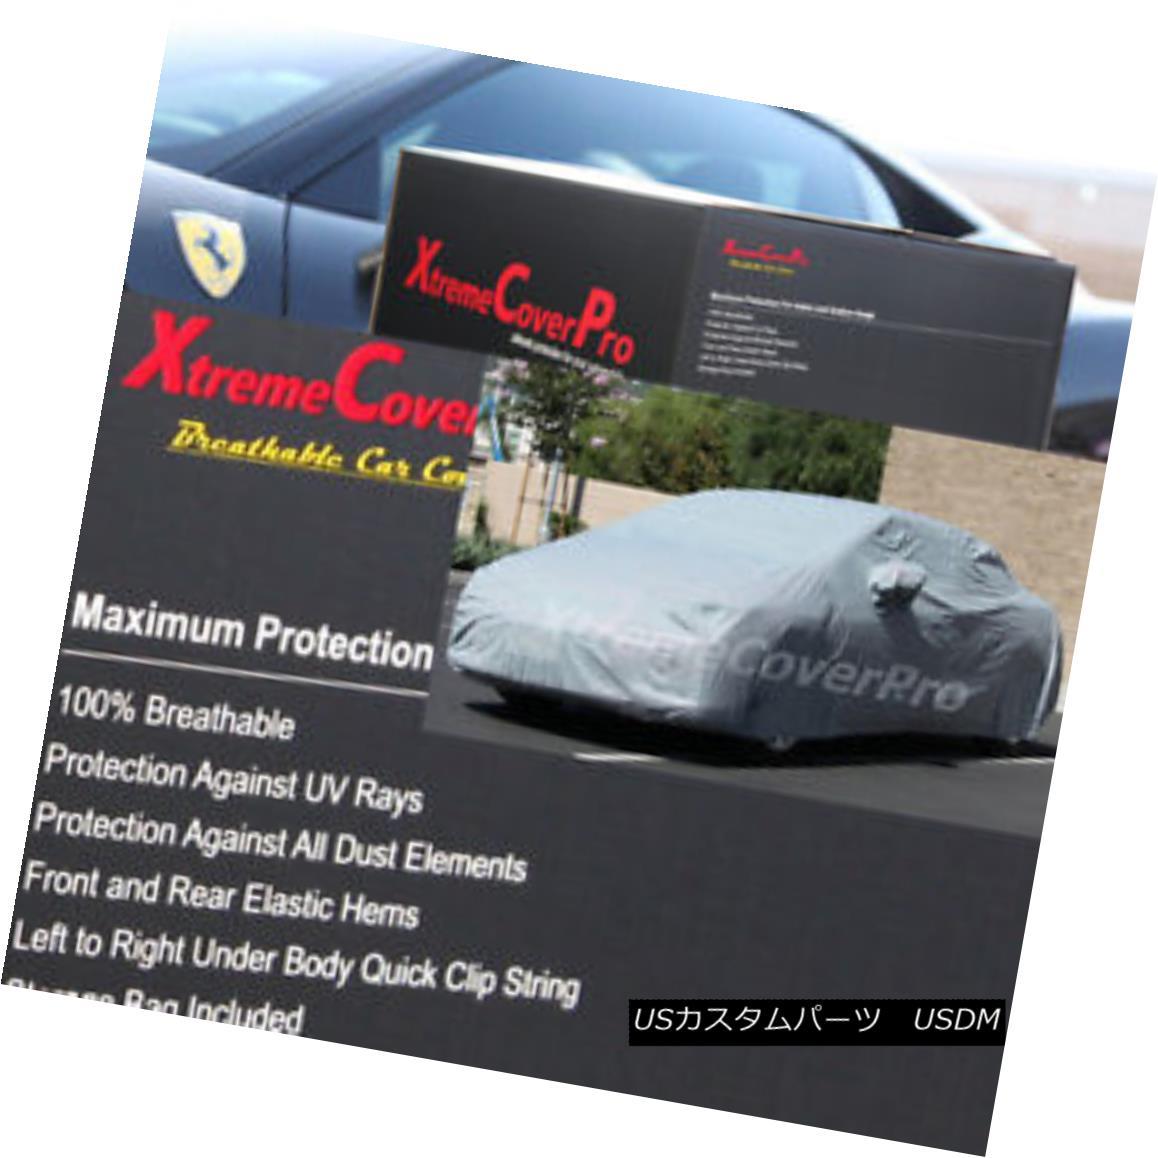 カーカバー 2013 Mazda Mazda3 5door hatchback Breathable Car Cover w/MirrorPocket 2013 Mazda Mazda3 5ドアハッチバック通気性の車カバー付き/ミラーポケット